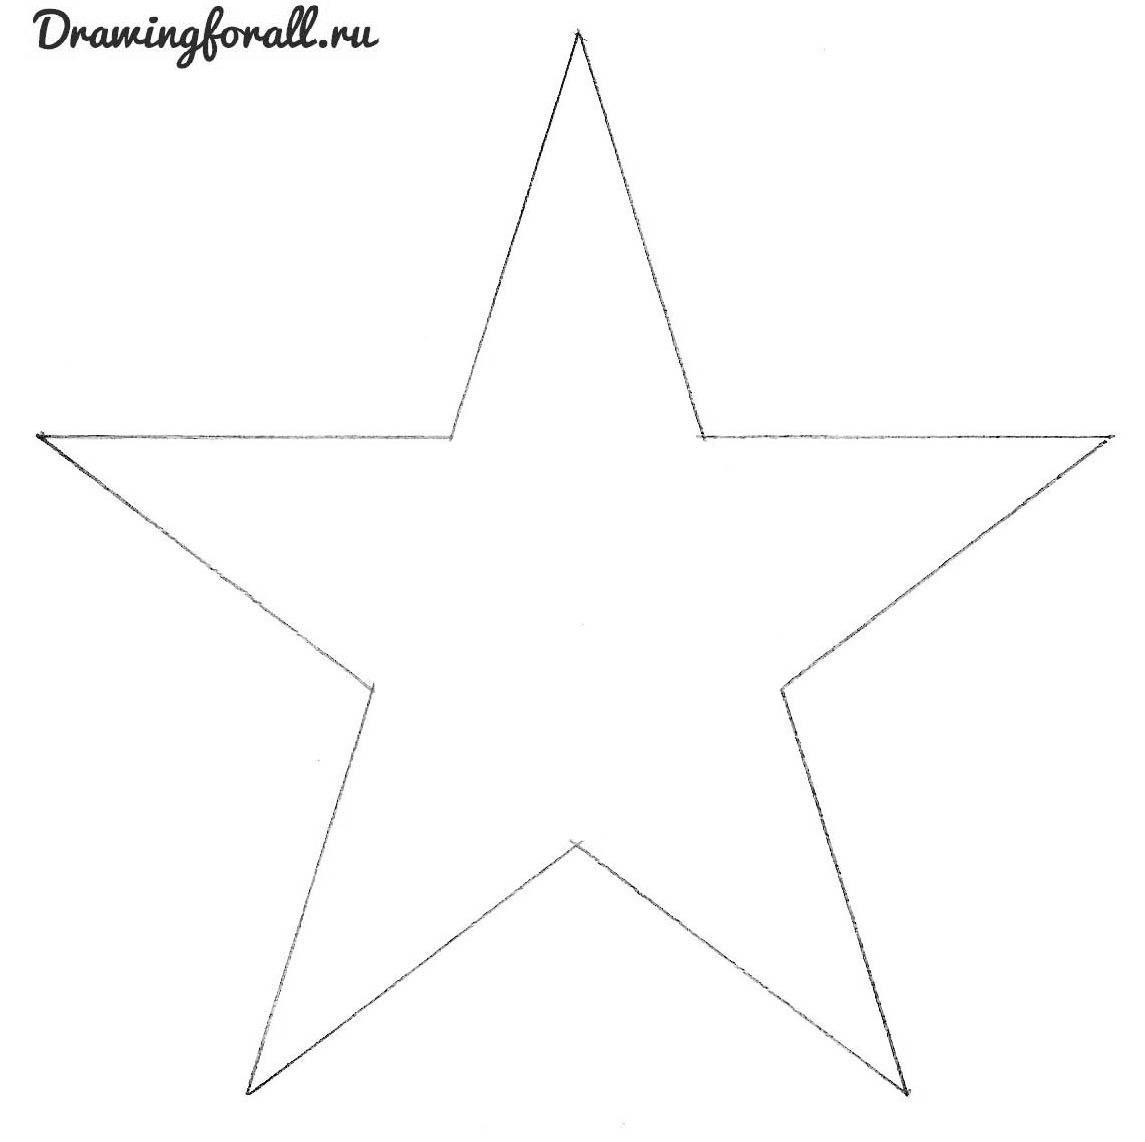 анимационных картинки звезда как нарисовать дизайна интерьера